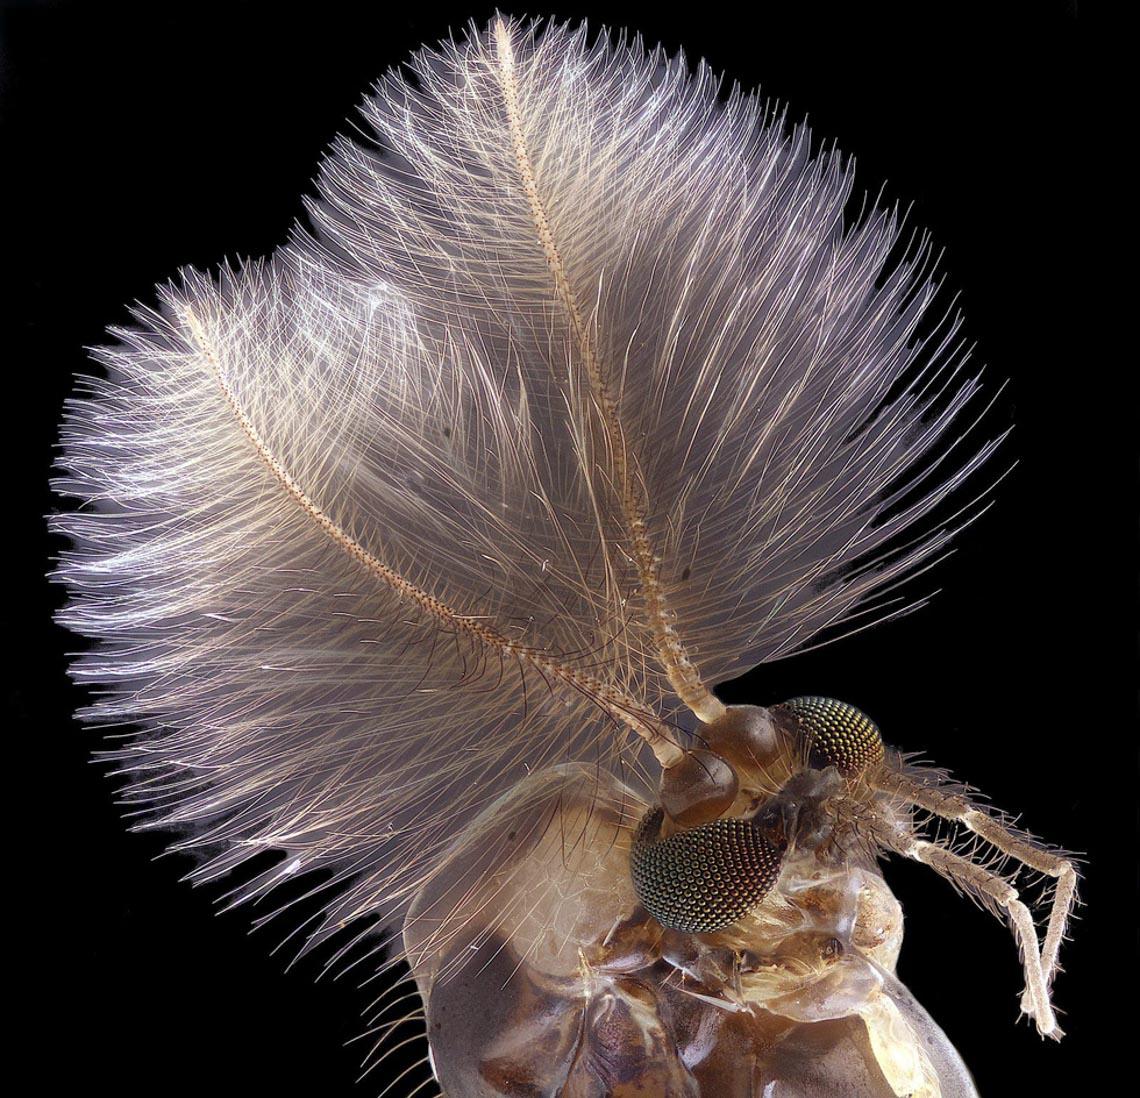 Ngỡ ngàng vẻ đẹp của phôi thai rùa, cá sấu dưới kính hiển vi-4